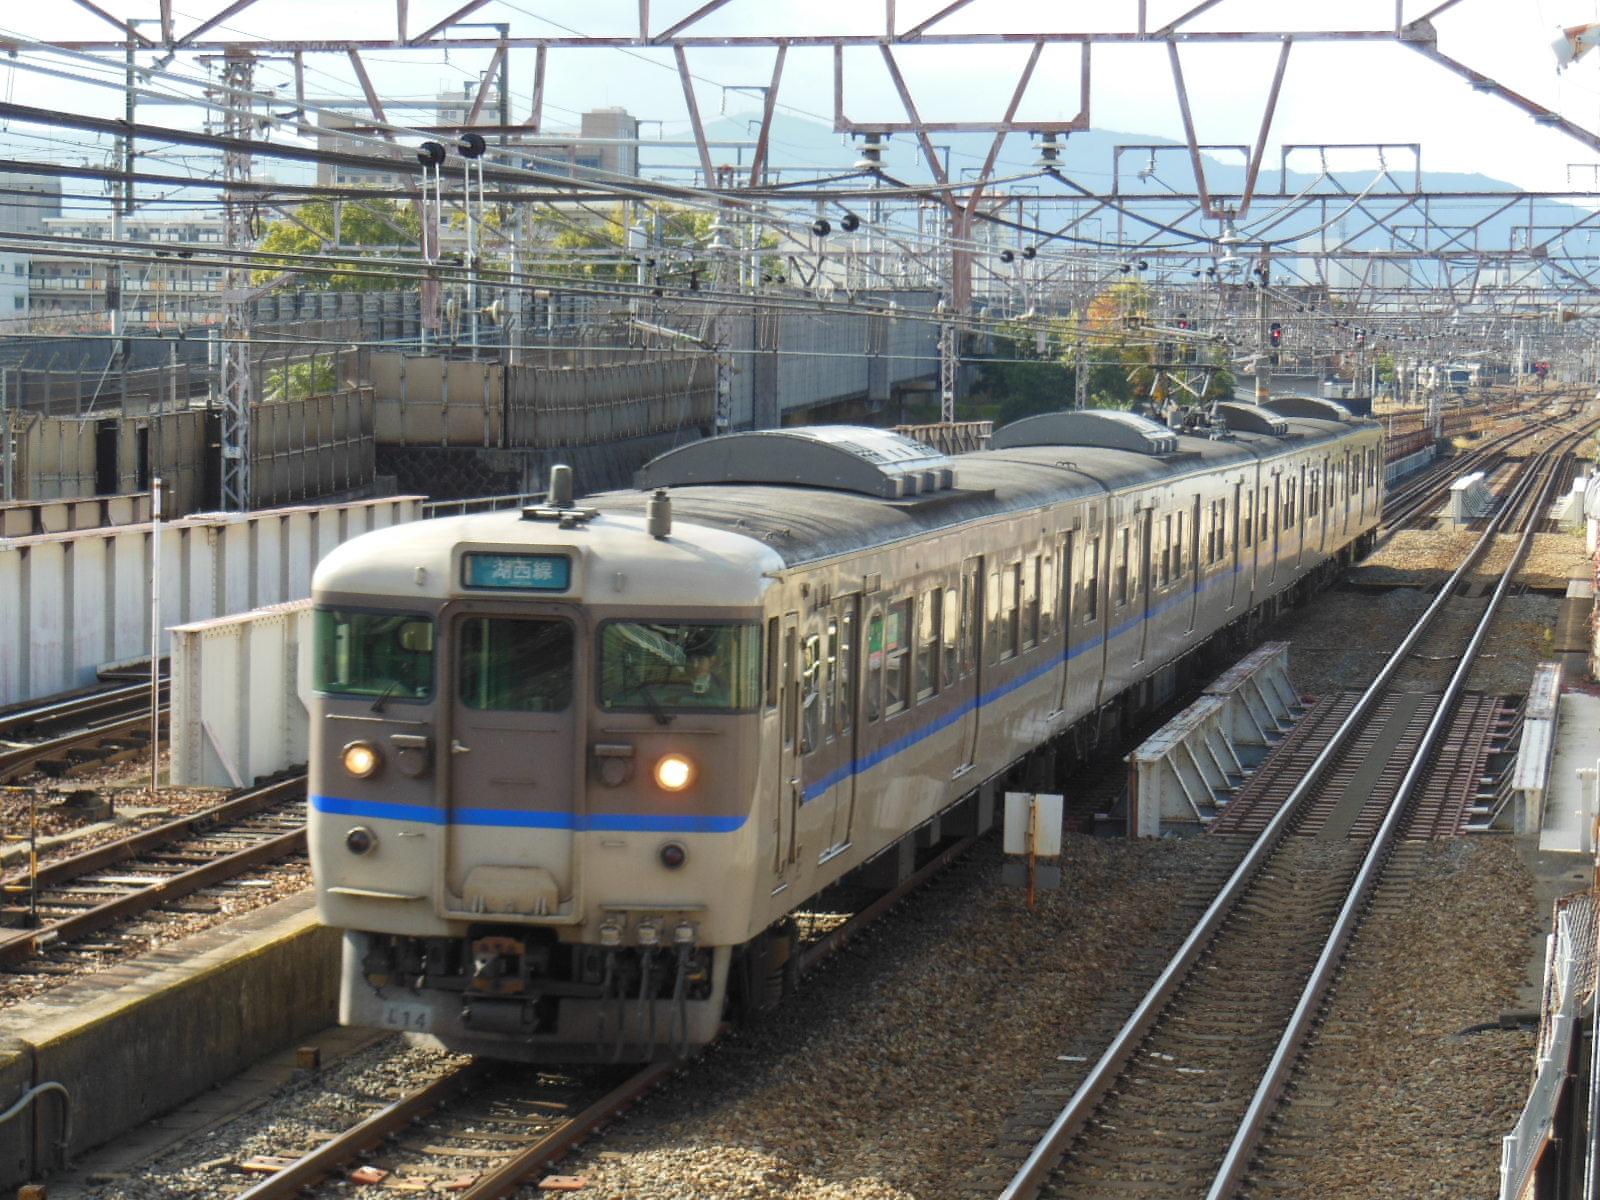 DSCN6041.jpg